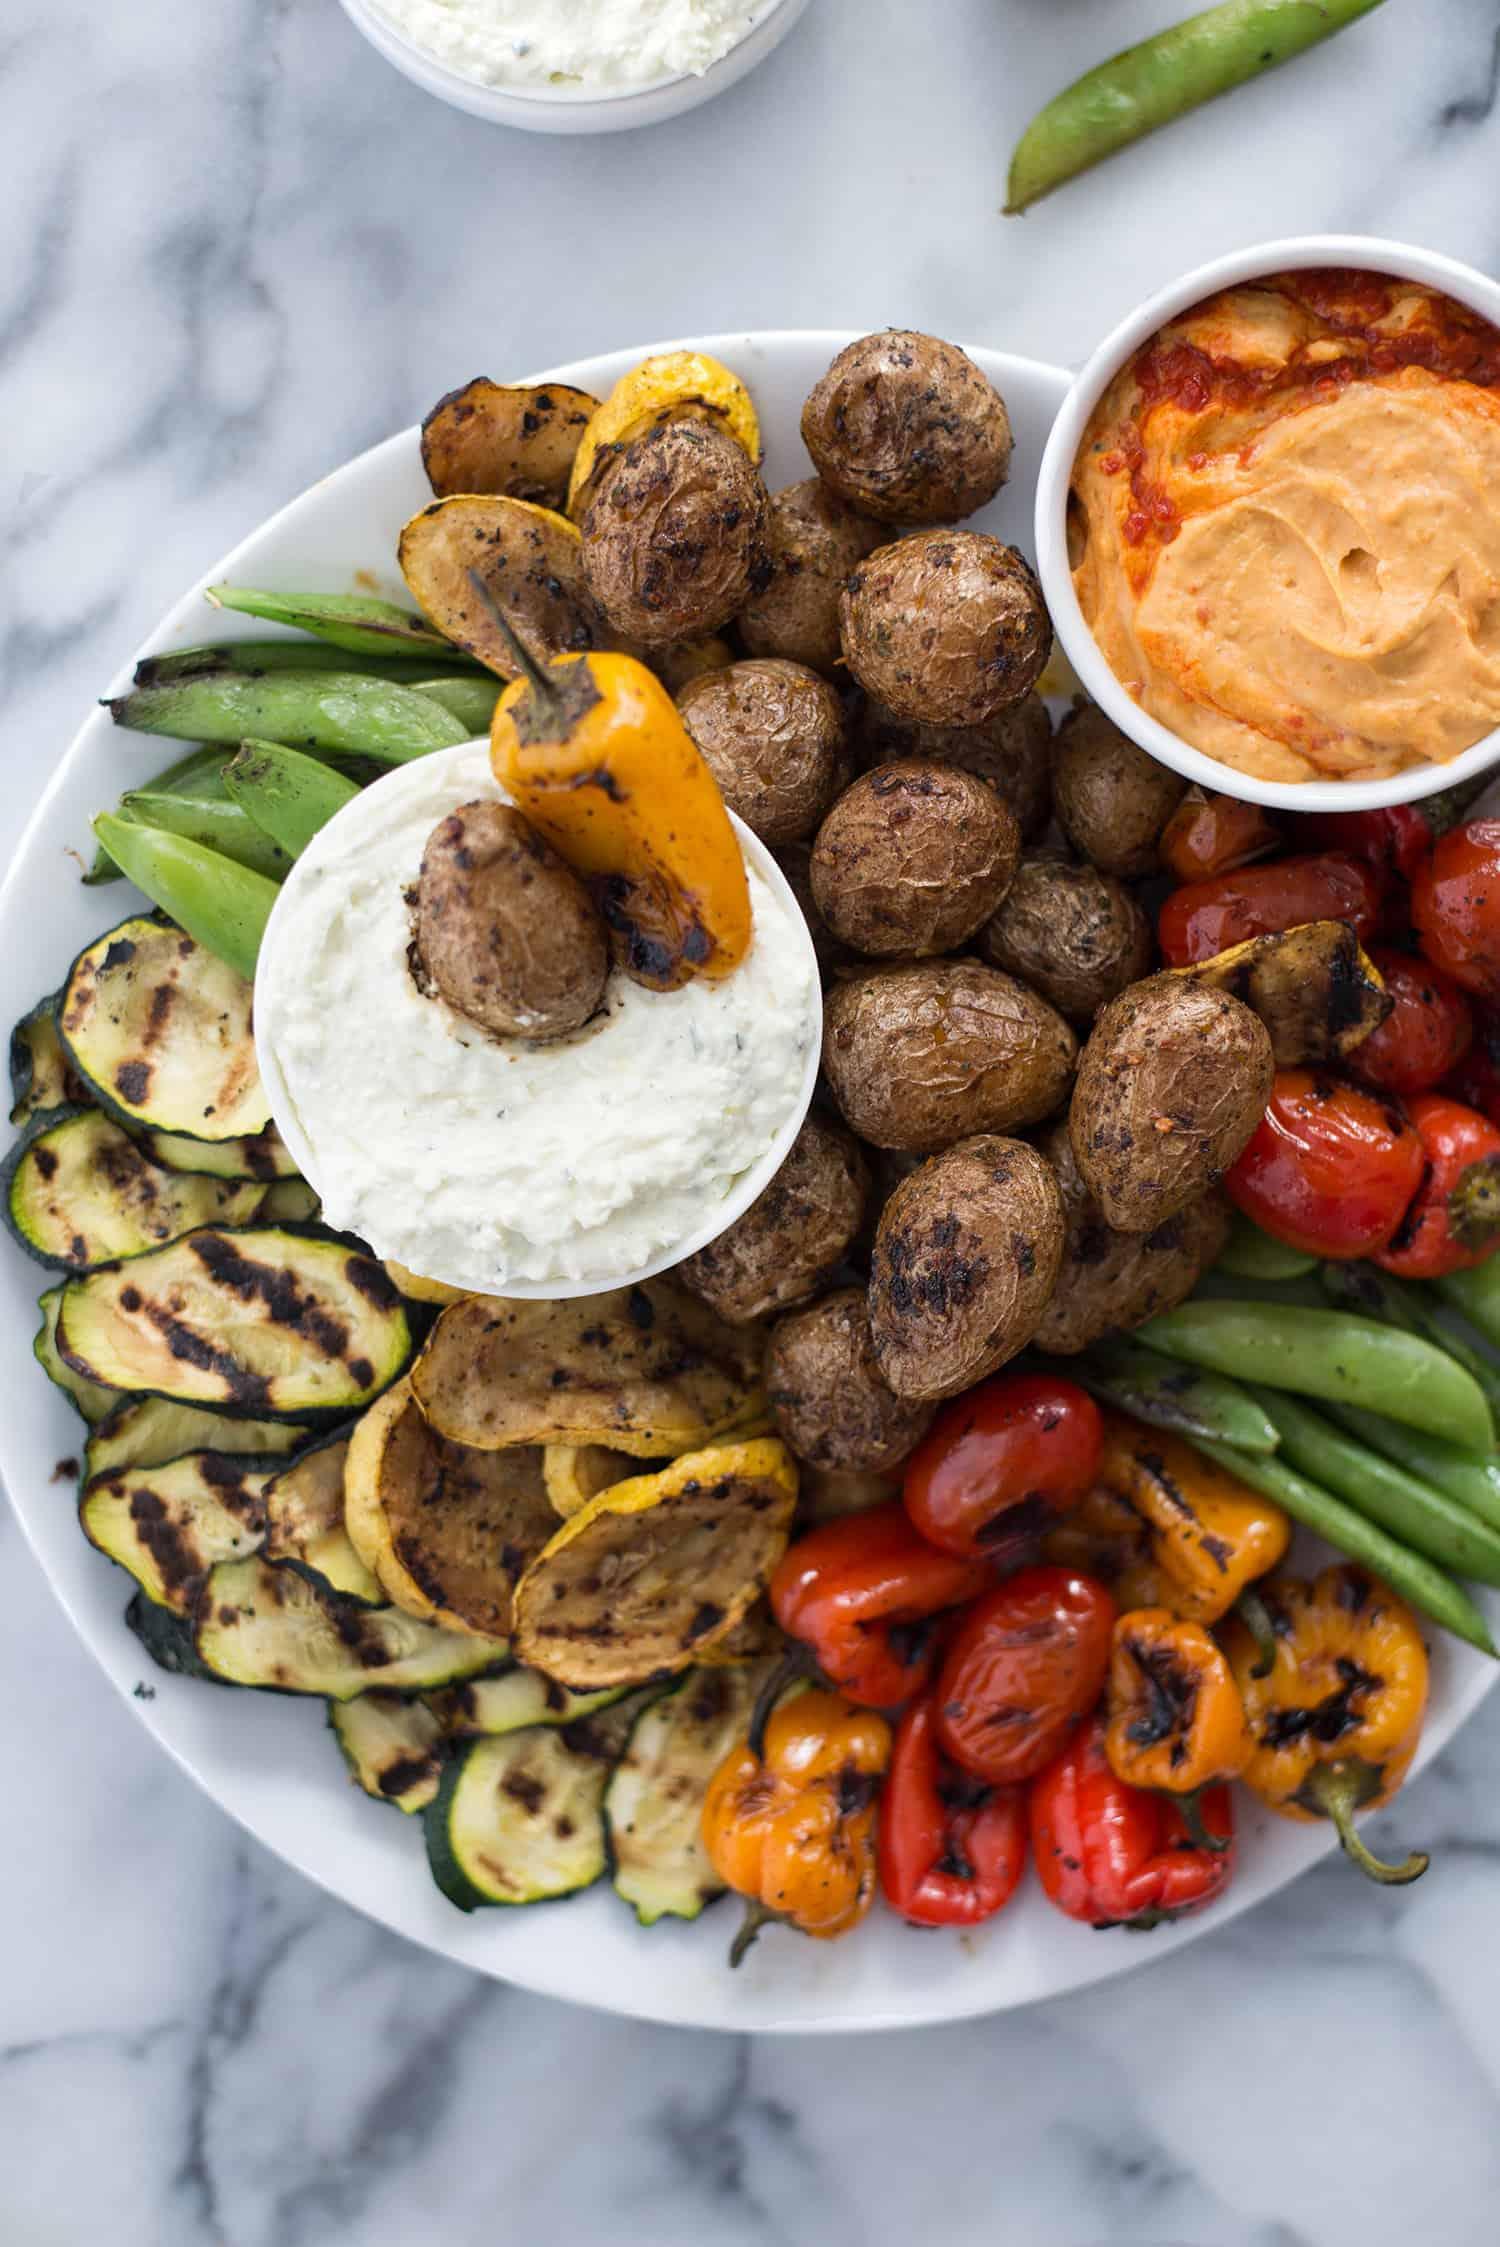 Grilled Vegetable Platter With Lemon Feta Dip Delish Knowledge